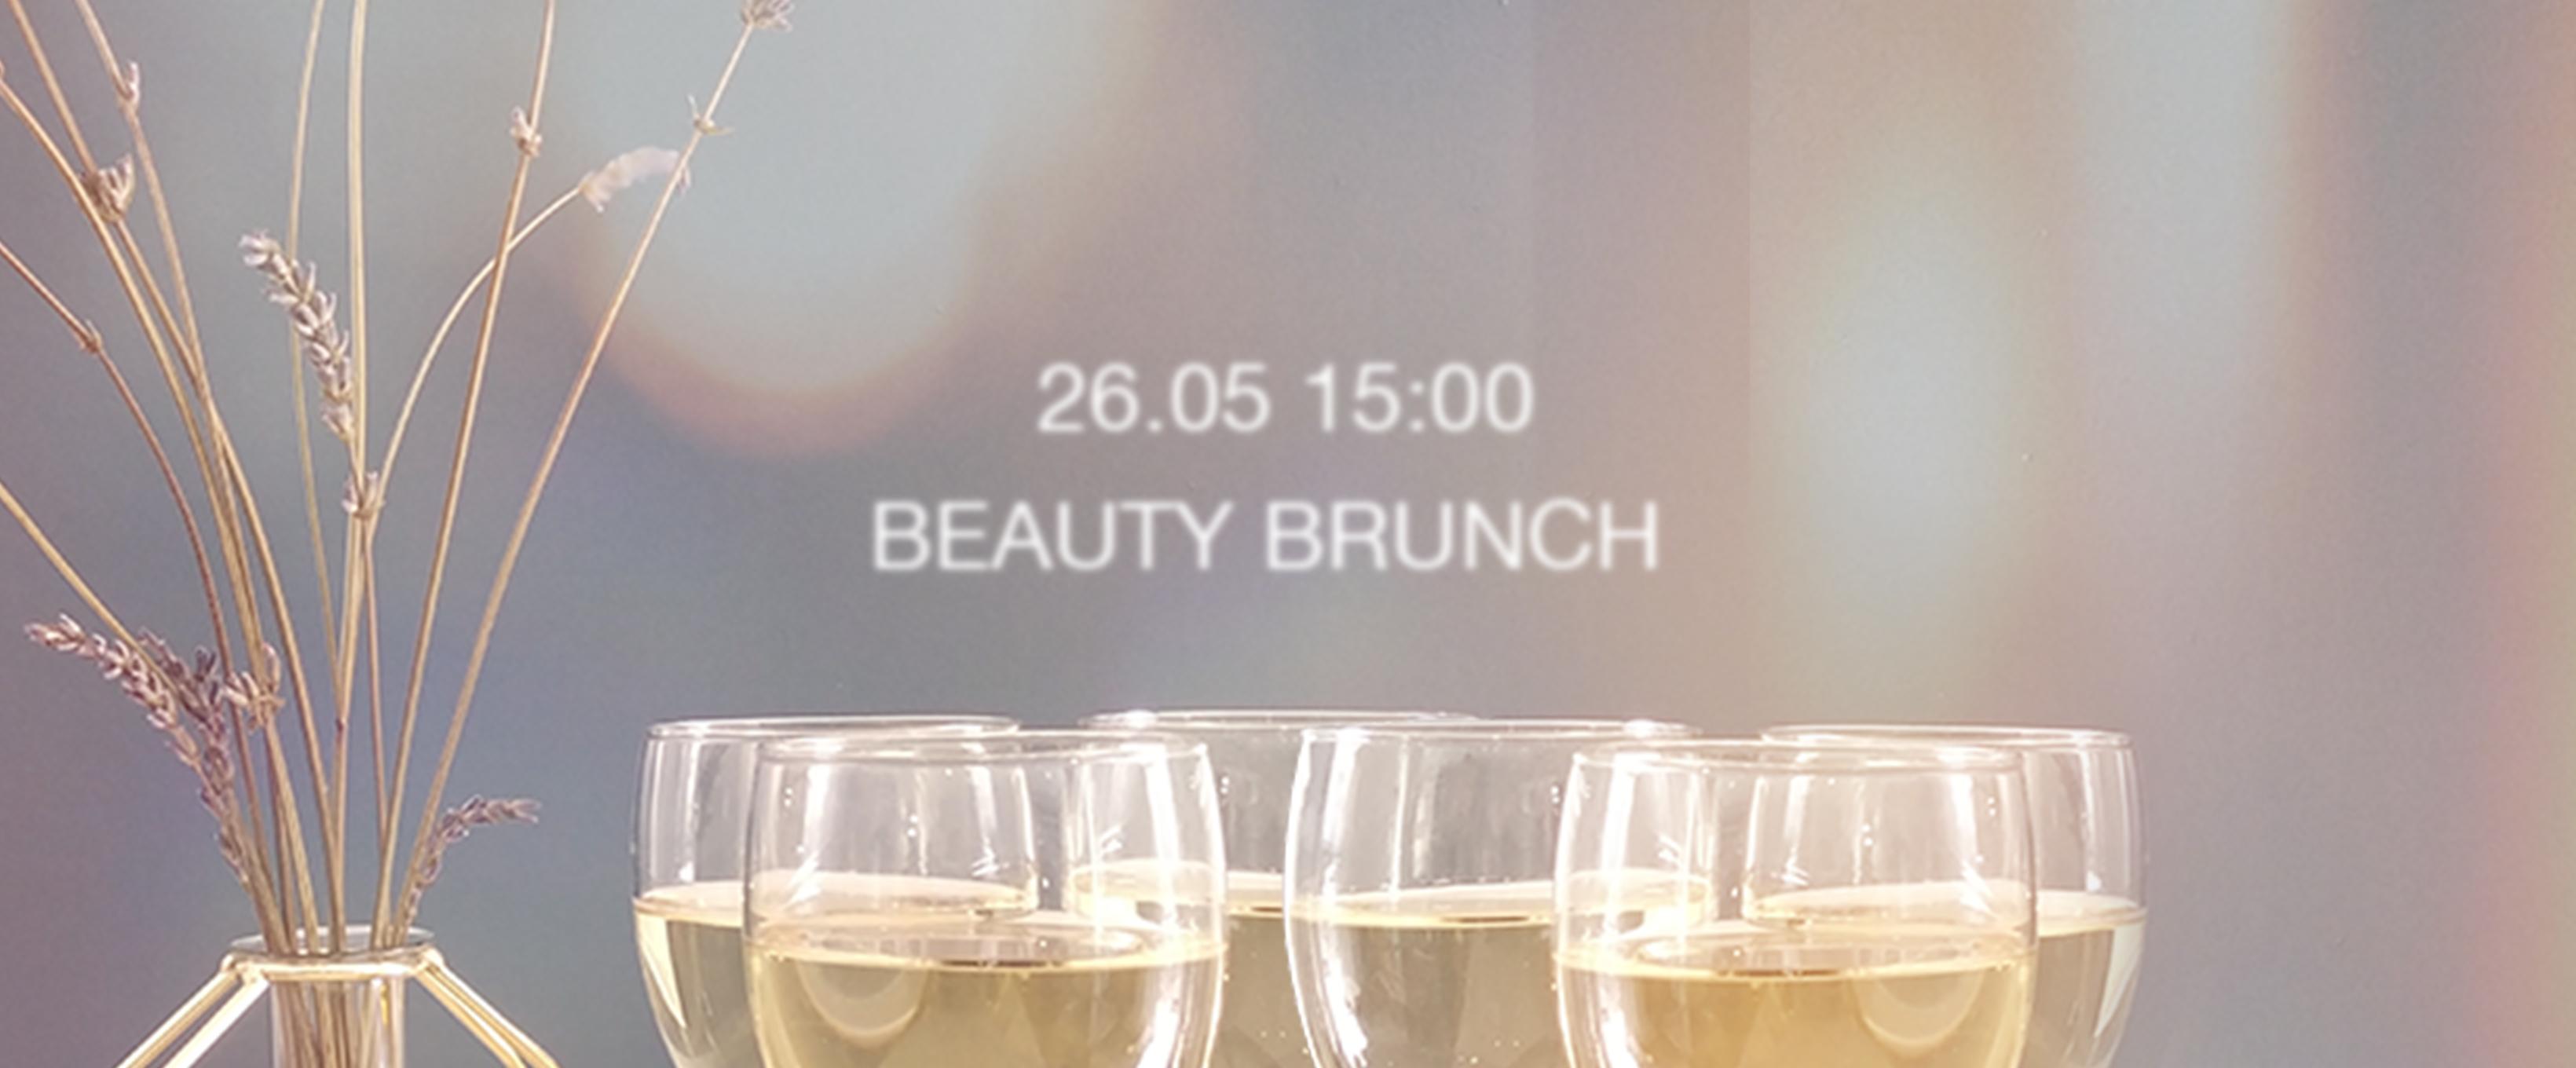 Beauty branch – Презентація Creative beauty school Школа креатив